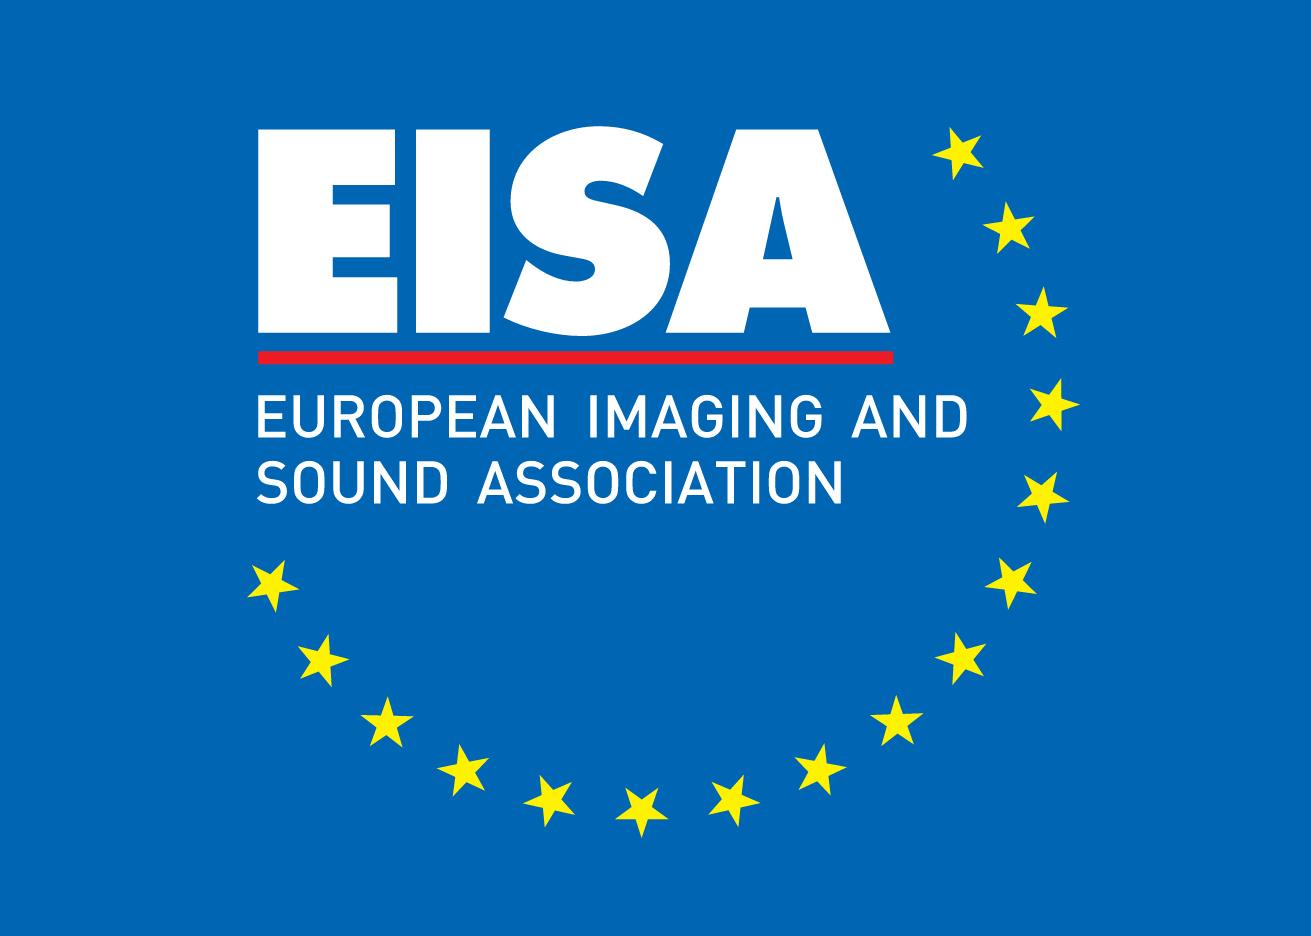 Eisa awards logo